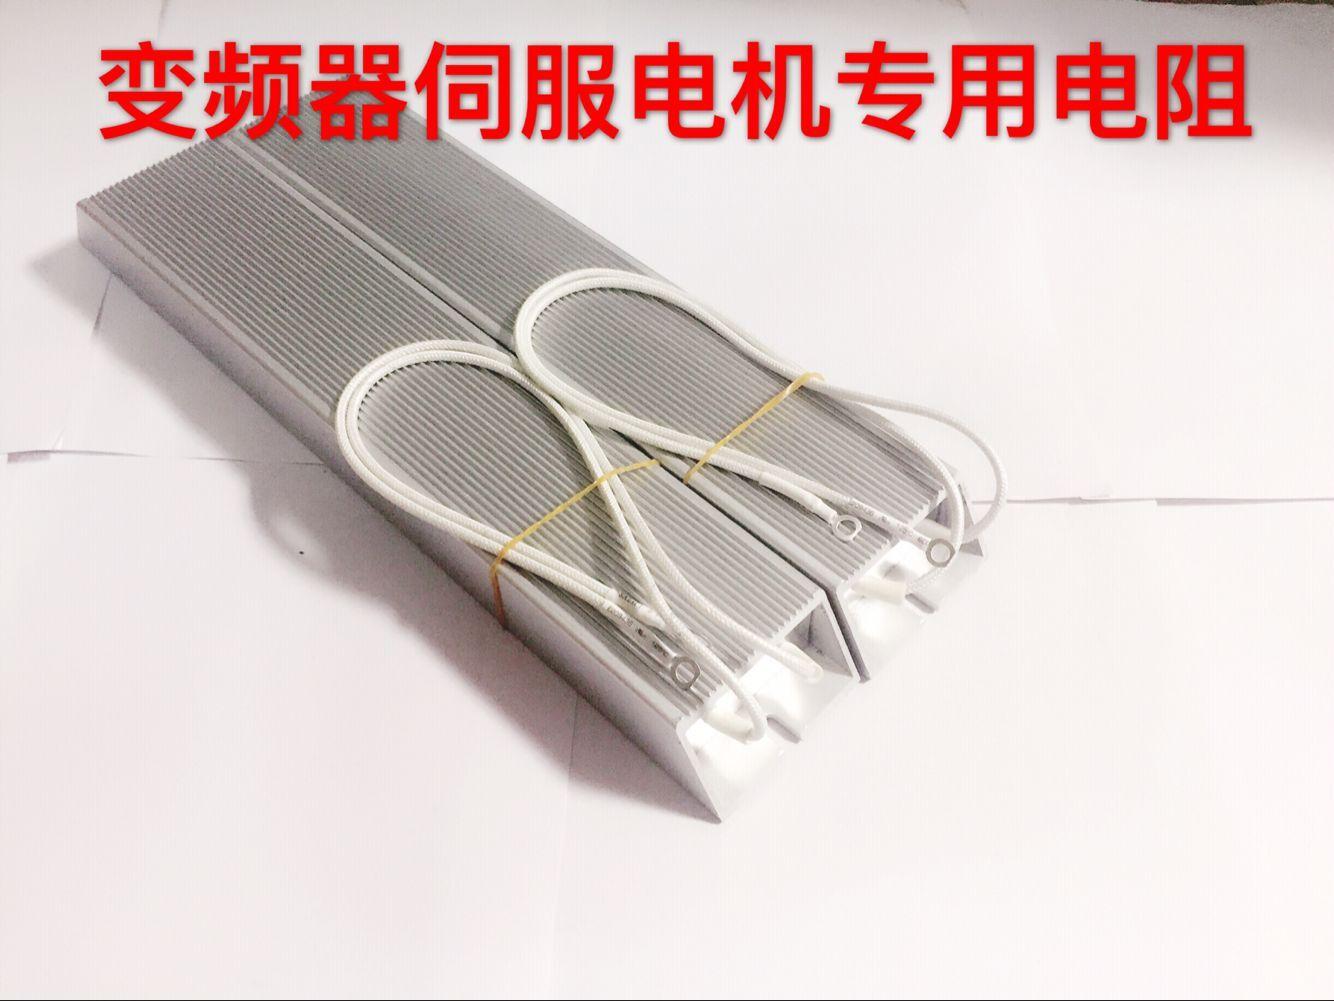 Большой мощности алюминий тормоза система электрокинетический блок преобразование частот устройство подождите одежда двигатель трапеция RXLG регенерация возвращение сырье релиз электрический пуск